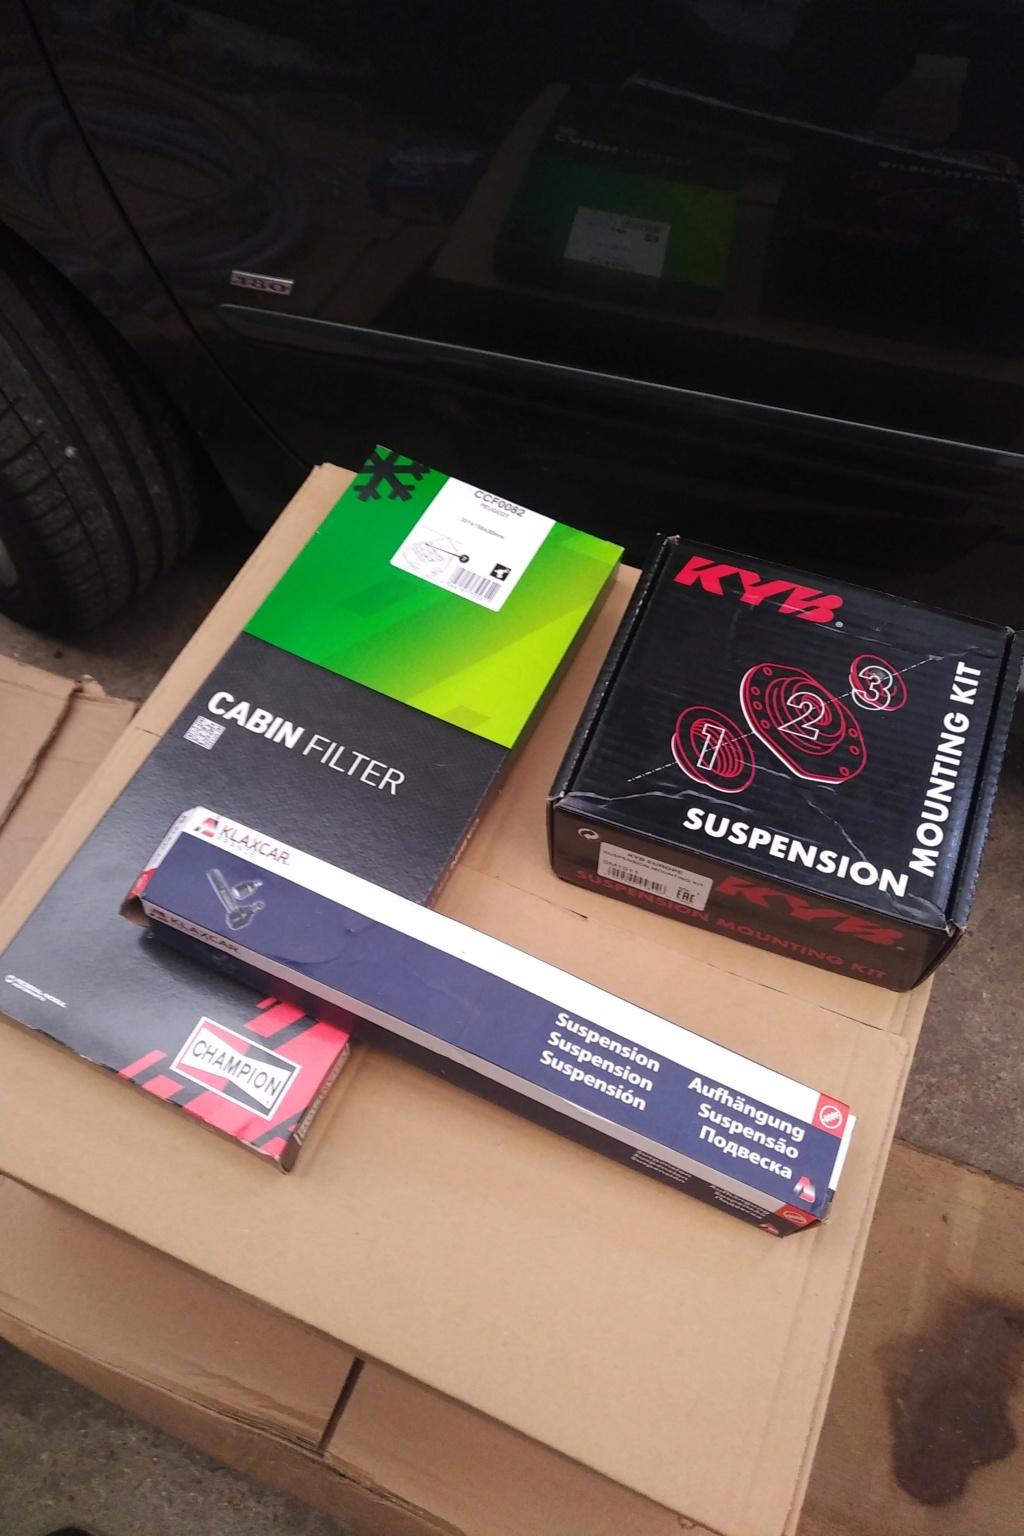 206 S16, 206 SW GTI et 307 2.0 Féline pour moi, C4 Collection pour elle - Page 19 Img_2058